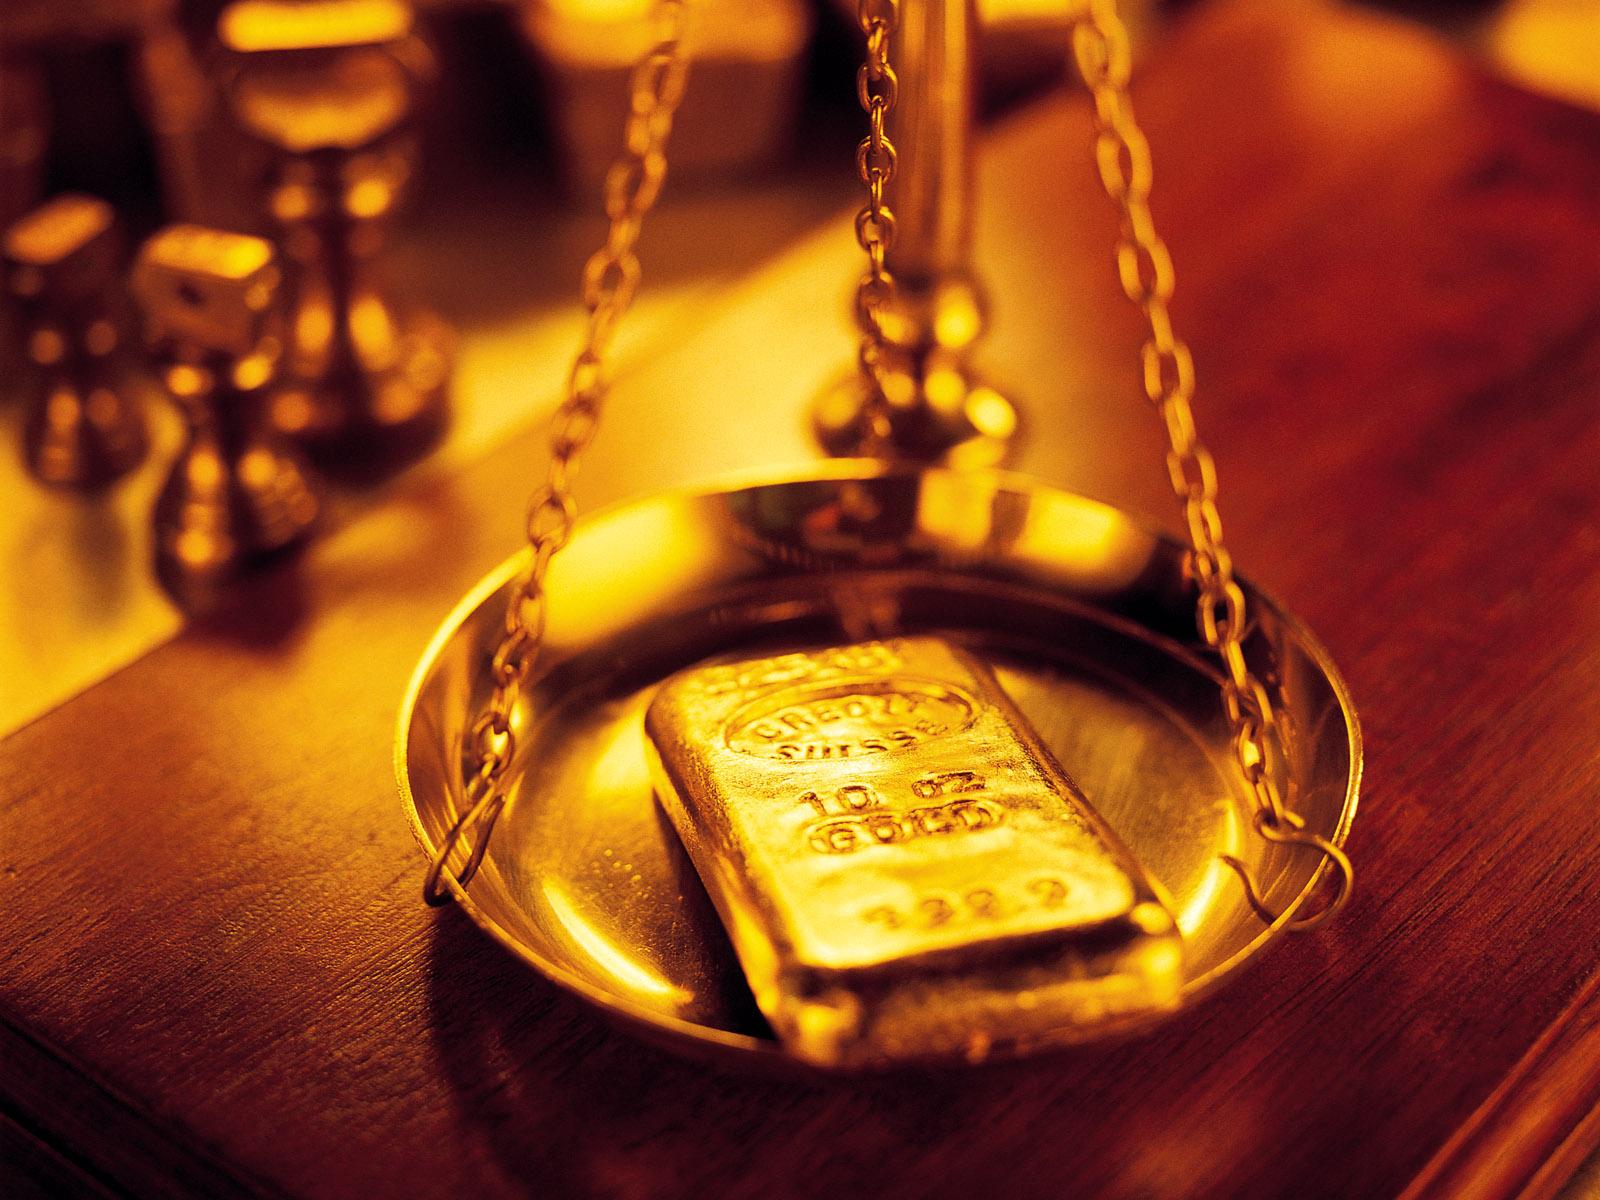 золото, весы, скачать фото, gold wallpaper, обои для рабочего стола